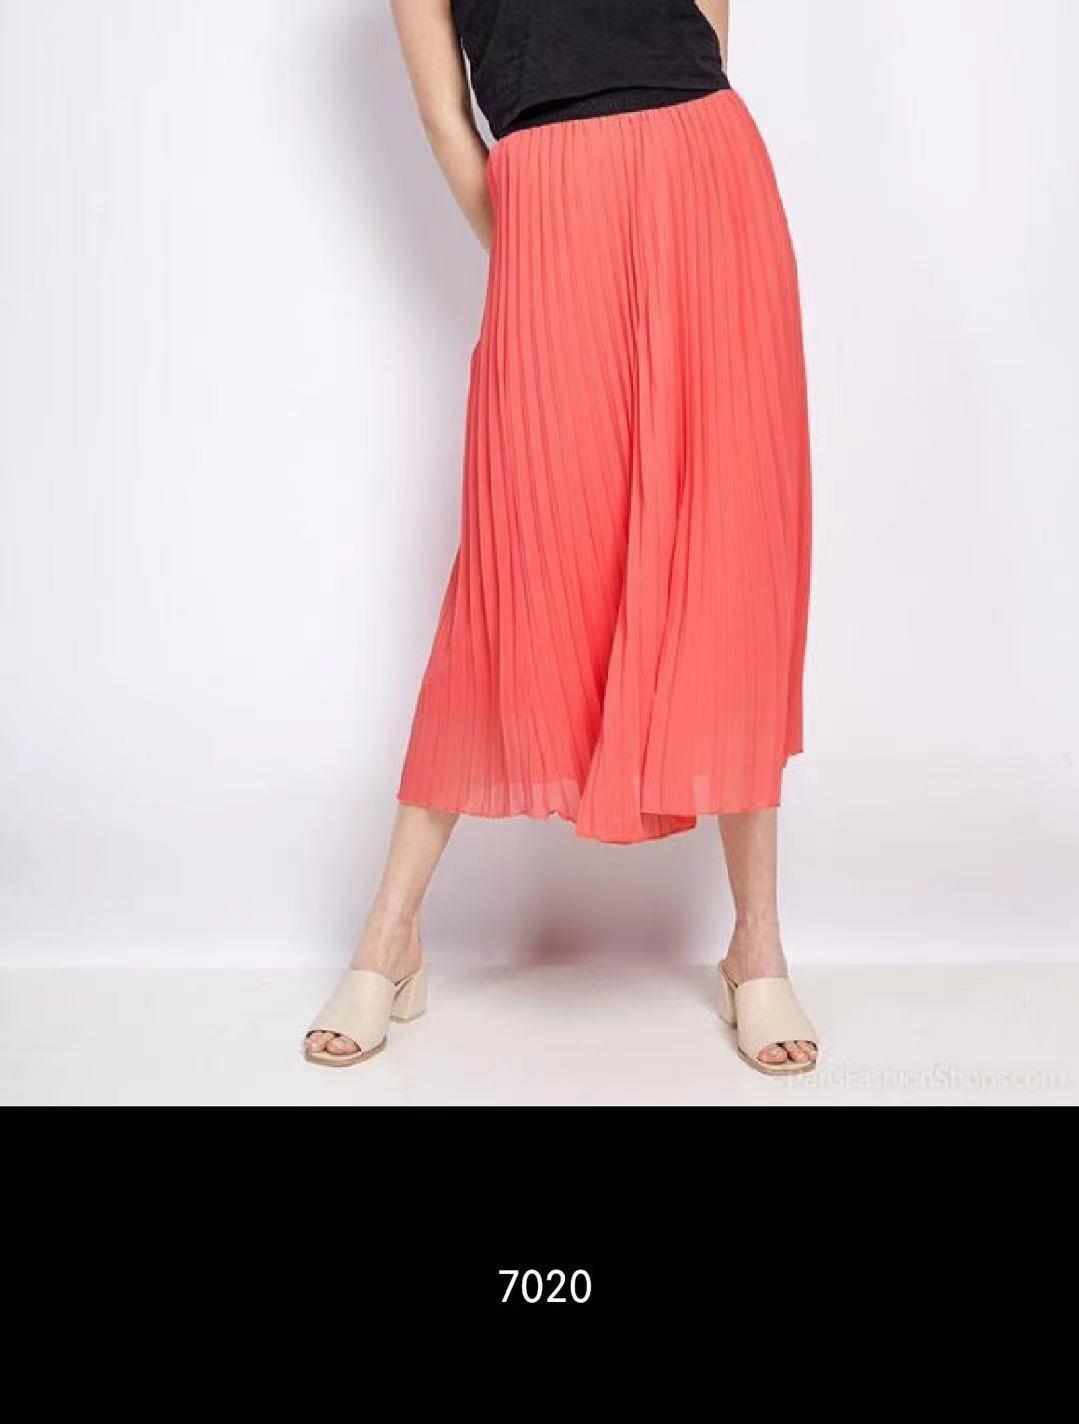 Jupes Femme Corail Luizacco 7020-1 #c eFashion Paris